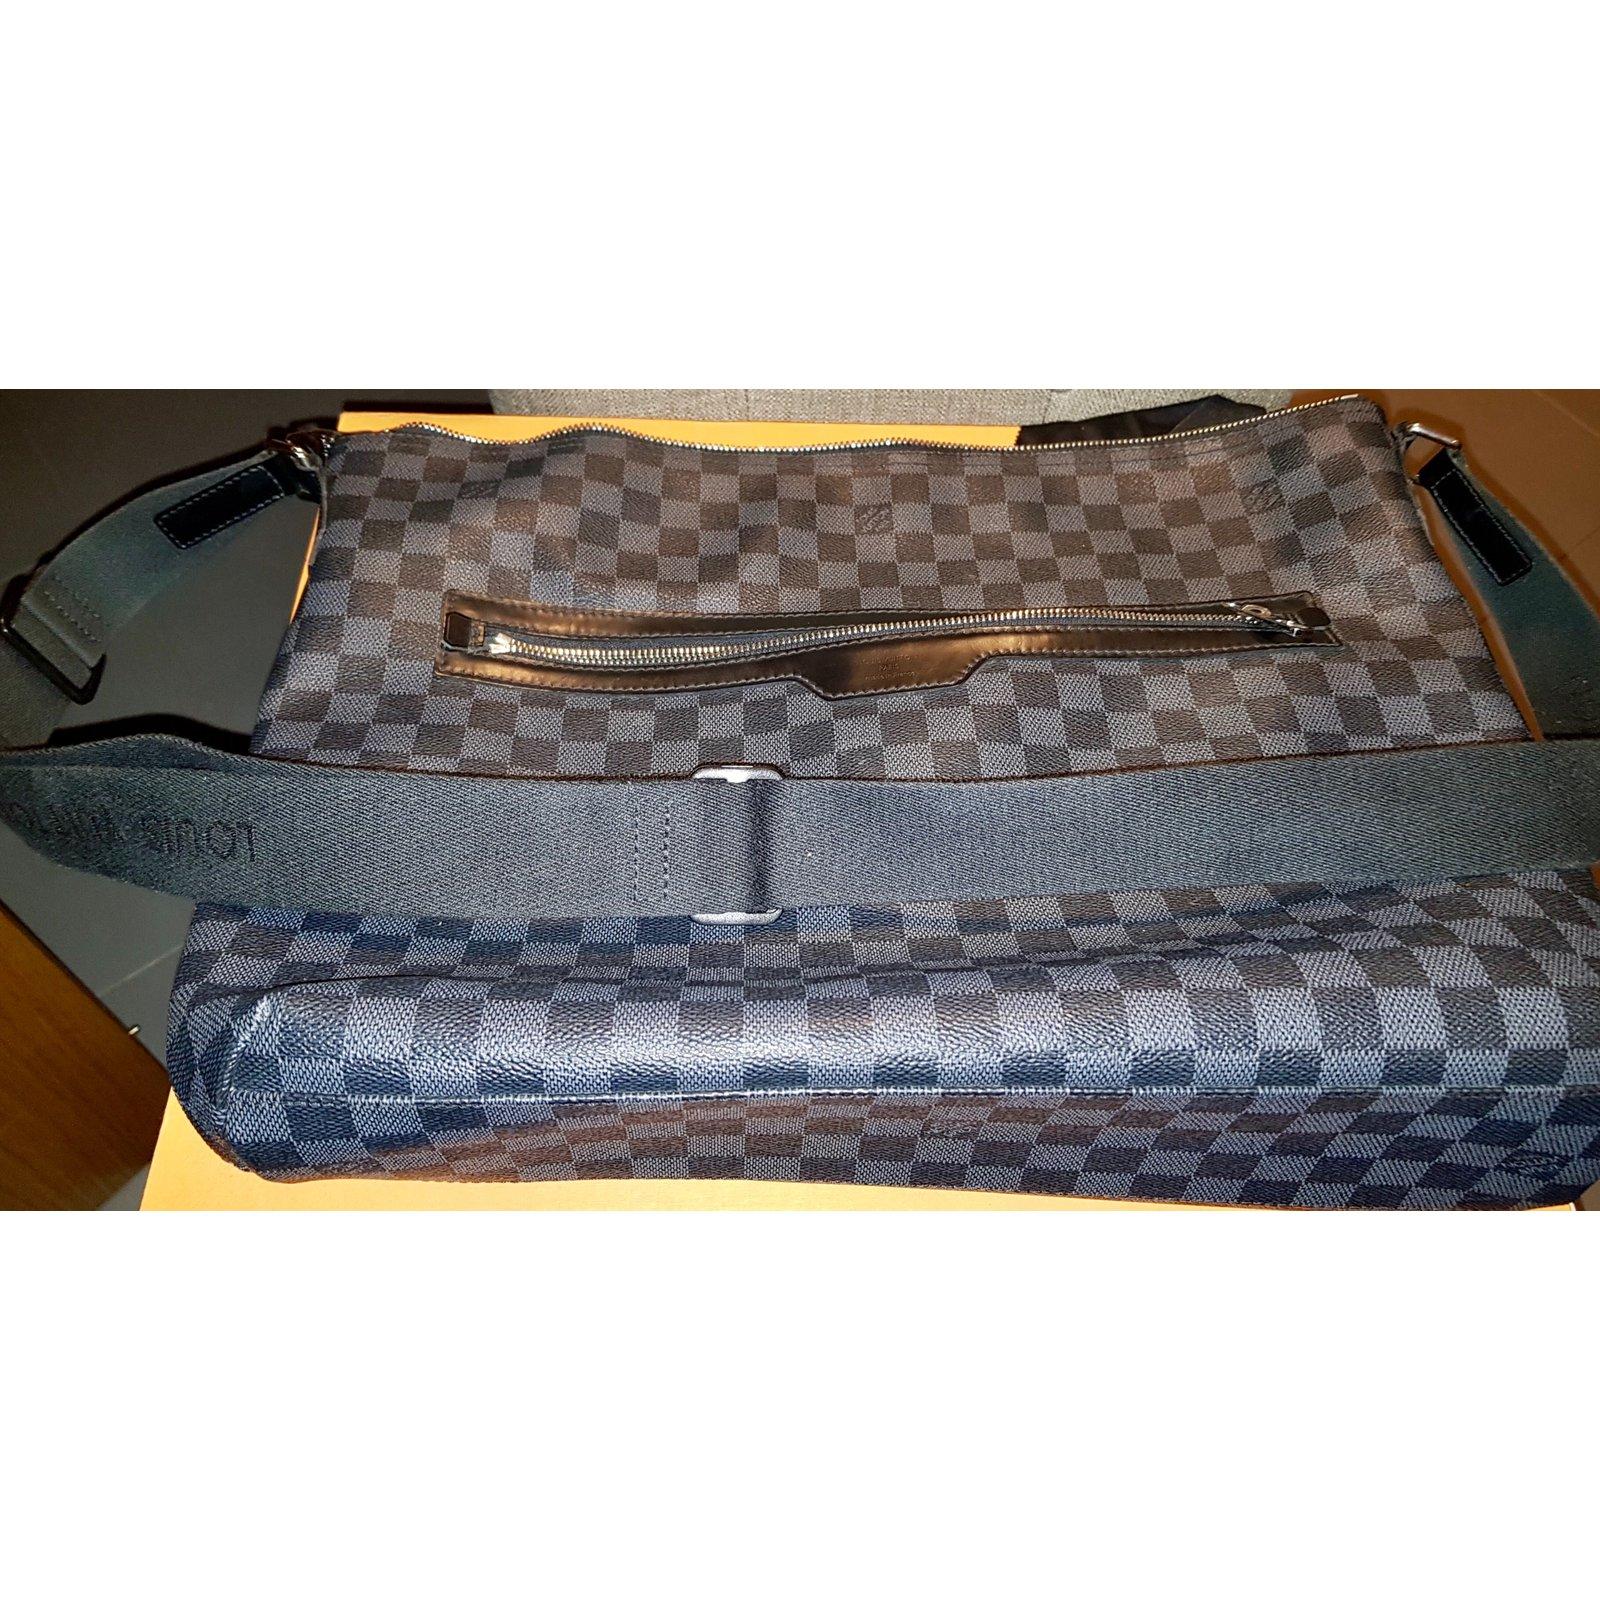 Sacs Louis Vuitton Sac bandoulière Louis Vuitton damier graphite pour homme  Toile Gris ref.53036 - Joli Closet 9e07ab3f14f